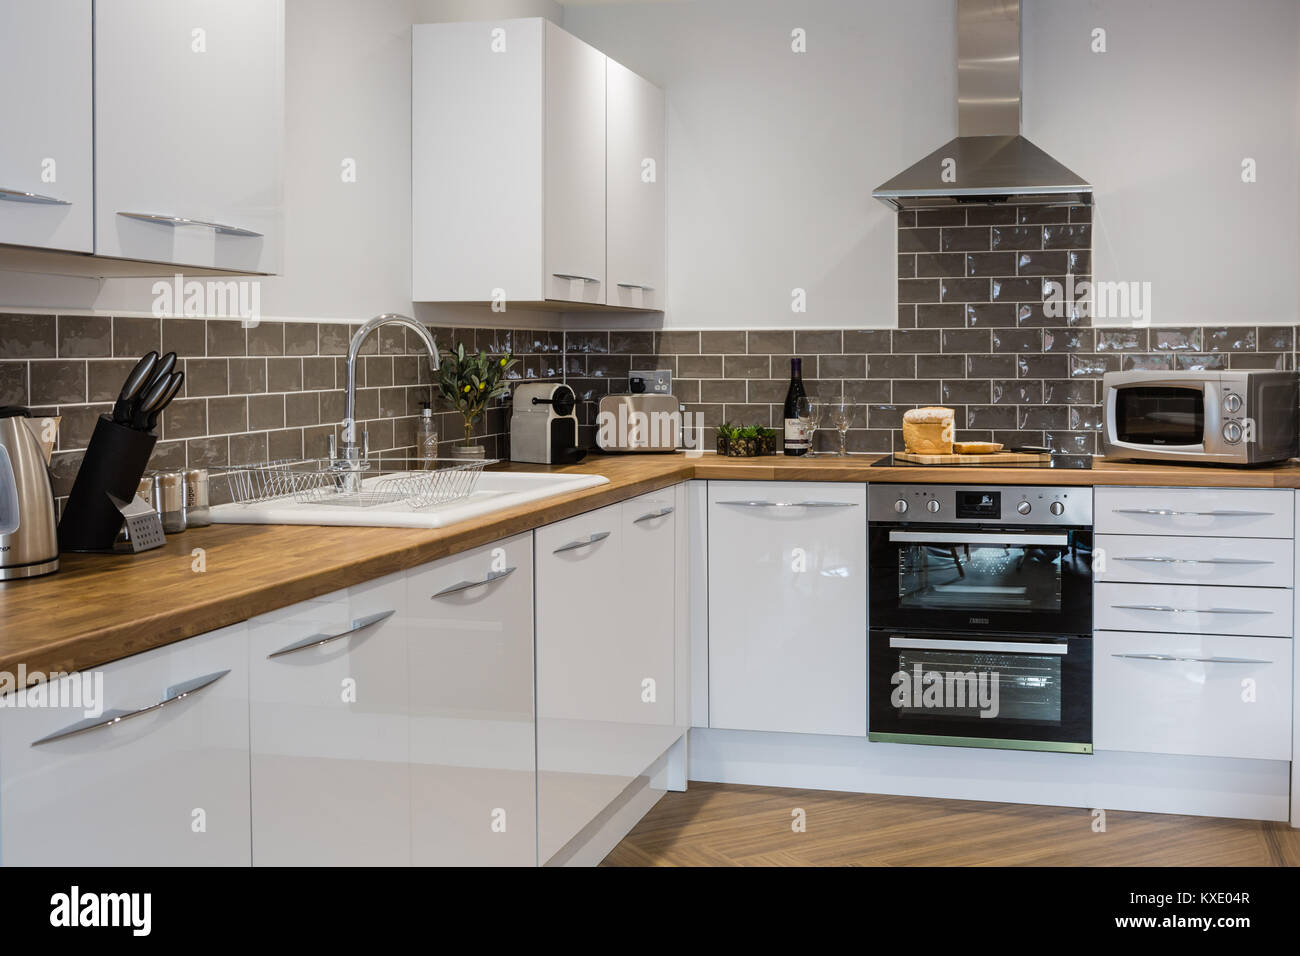 Bianca E Moderna Cucina In Legno Con Piani Di Lavoro Foto Immagine